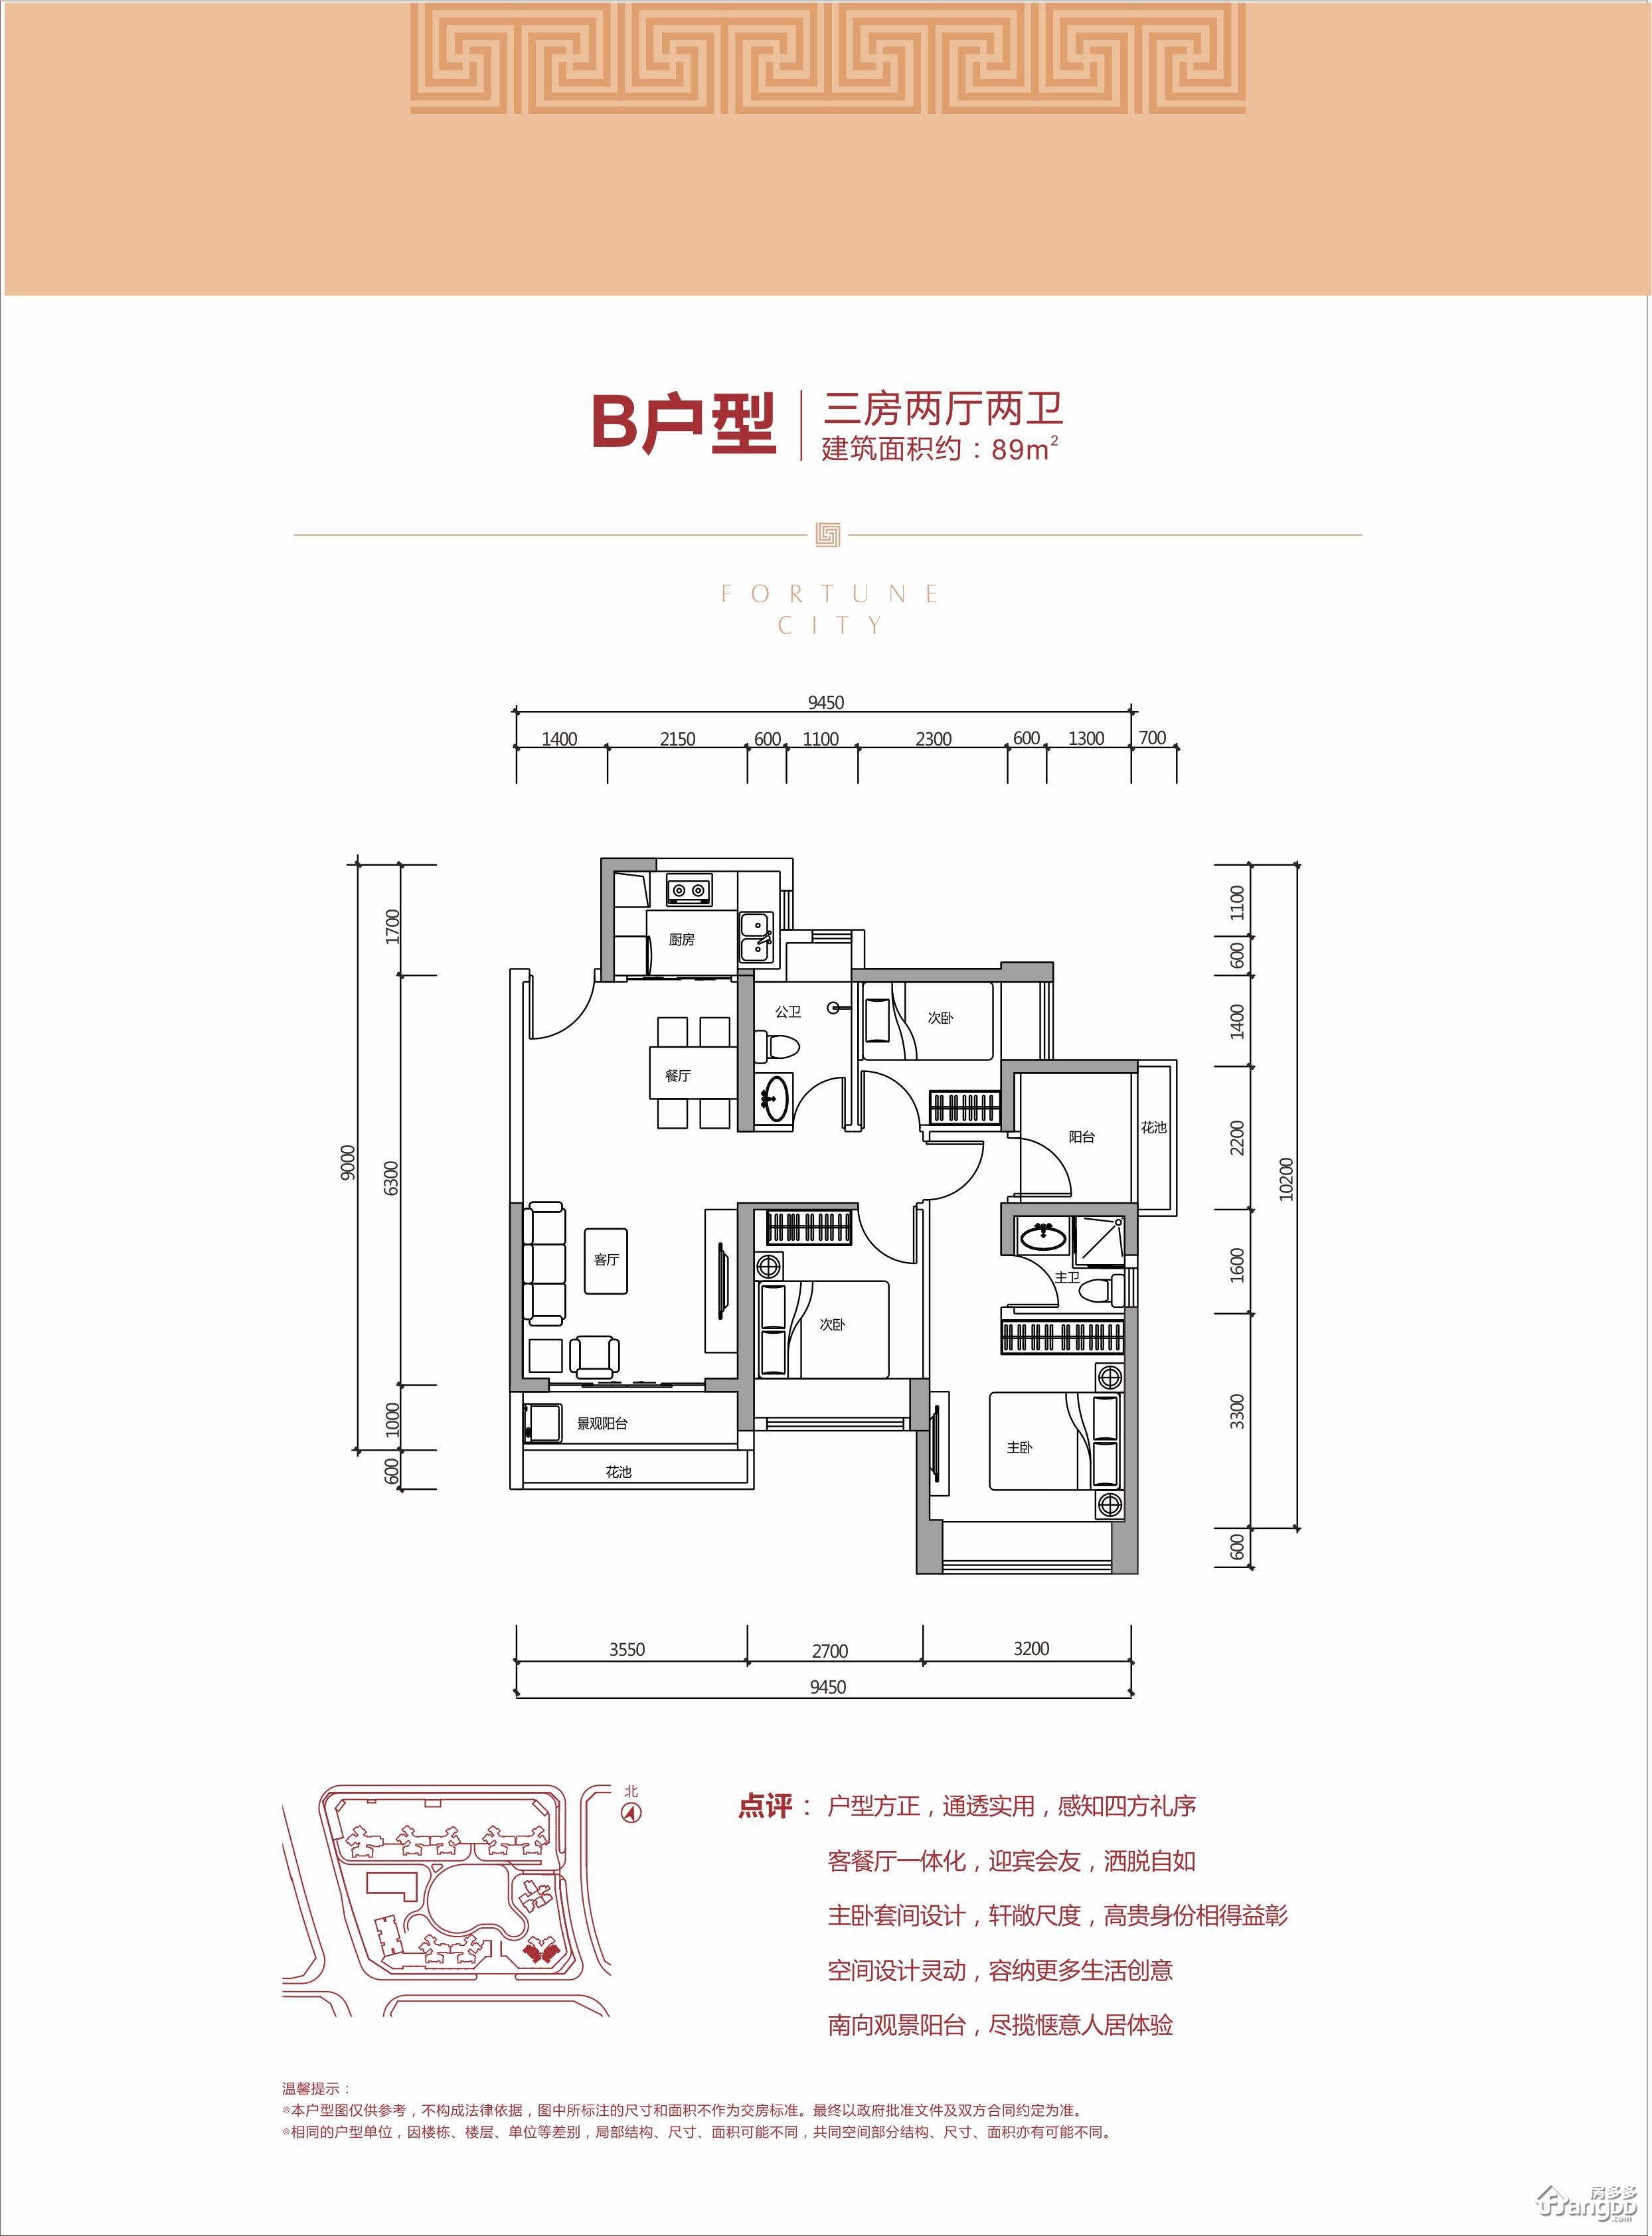 财富城3室2厅2卫户型图